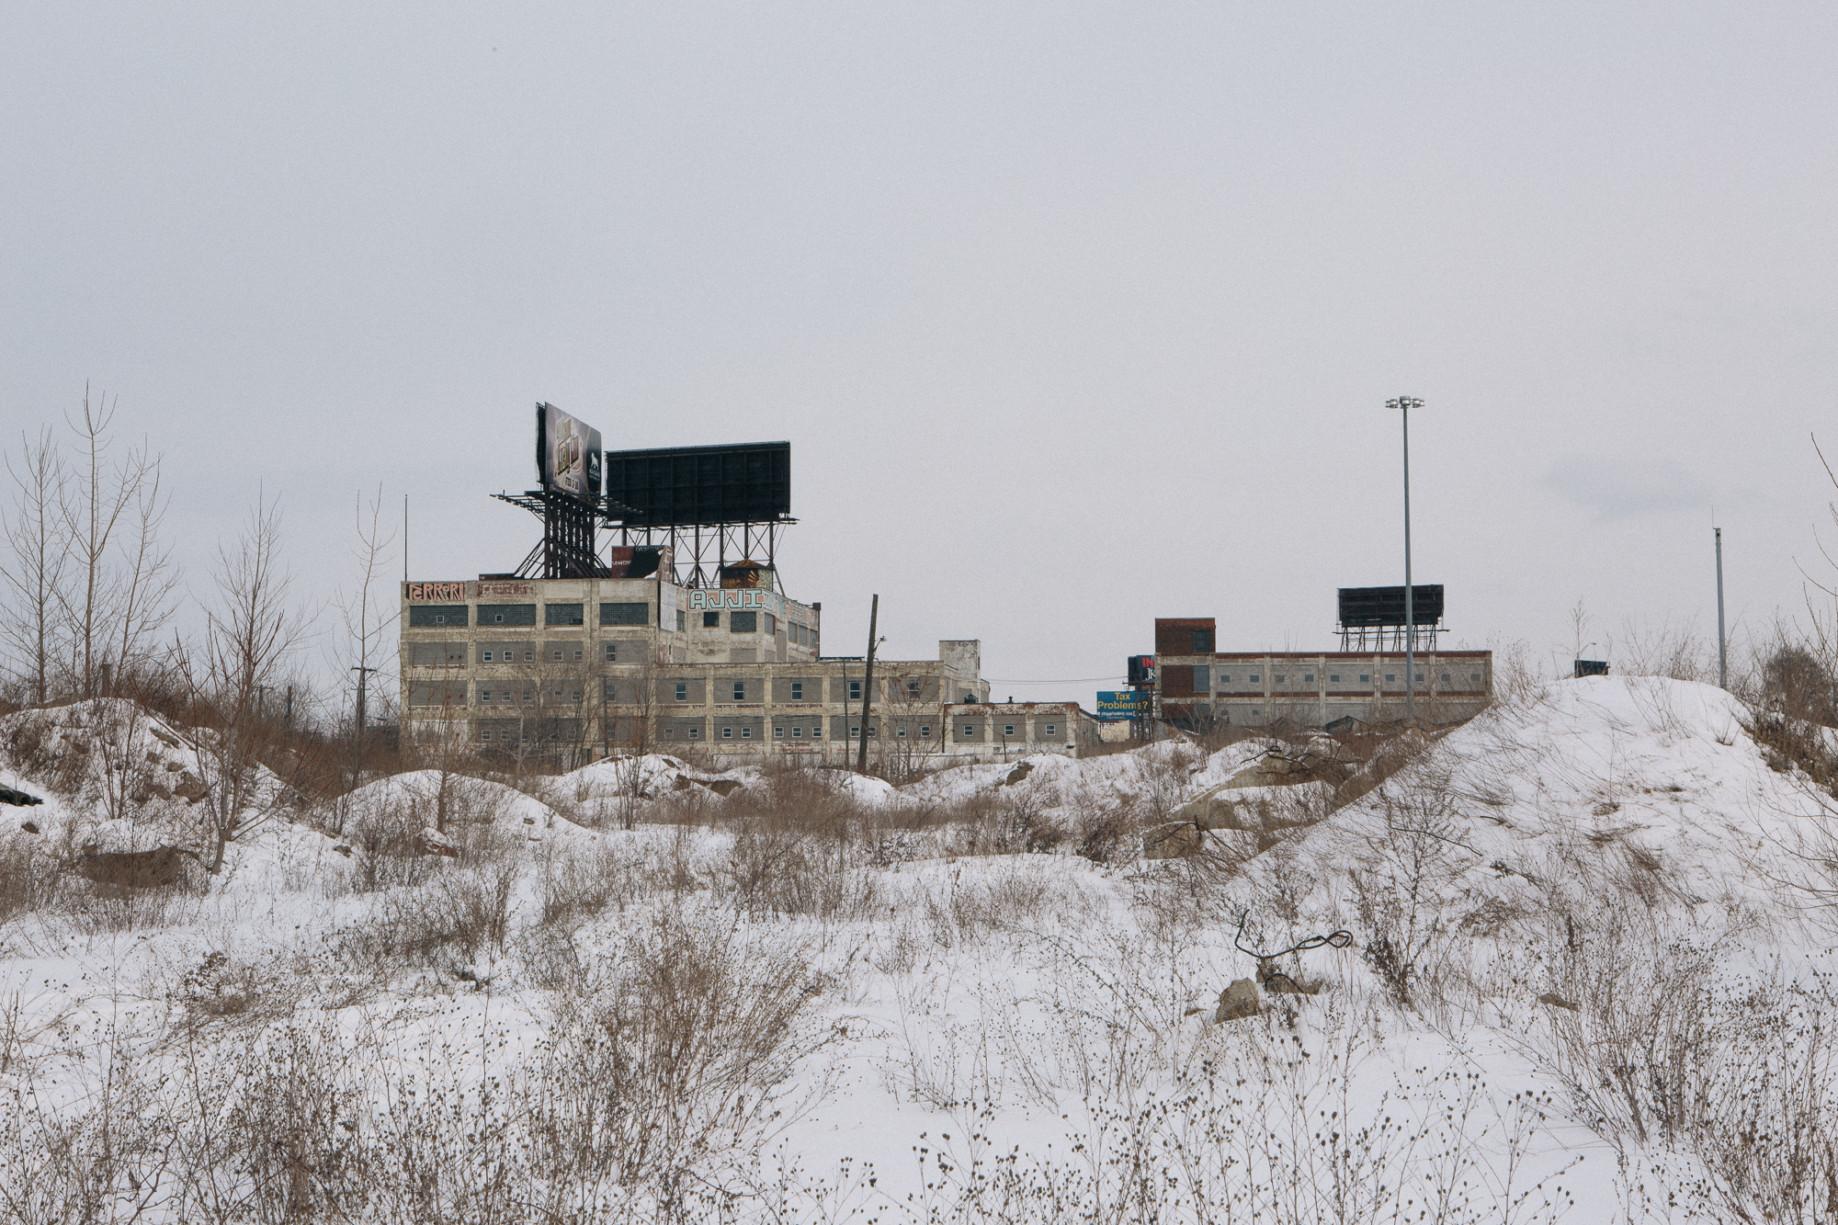 simonweller-frozenstates-wasteland